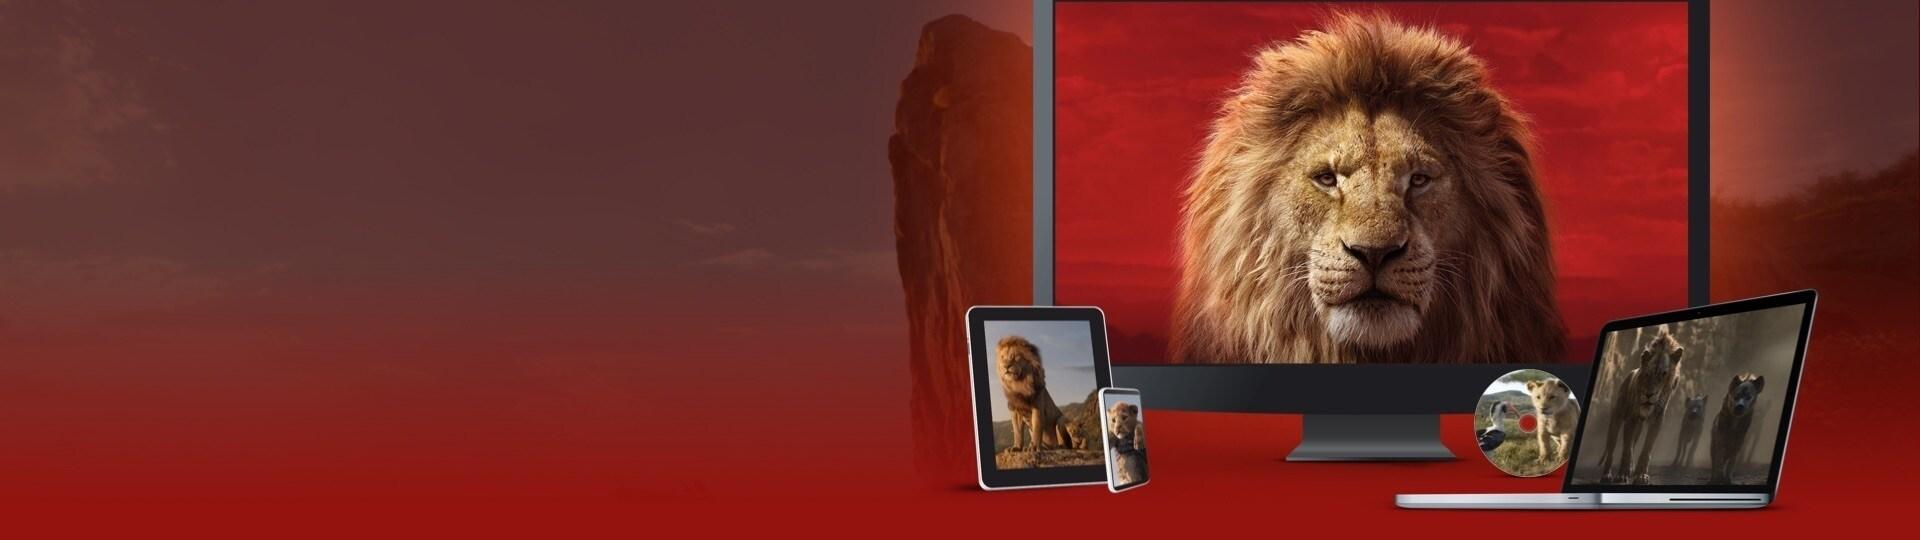 Der König der Löwen   Auf DVD, Blu-ray und als digitaler Download erhältlich